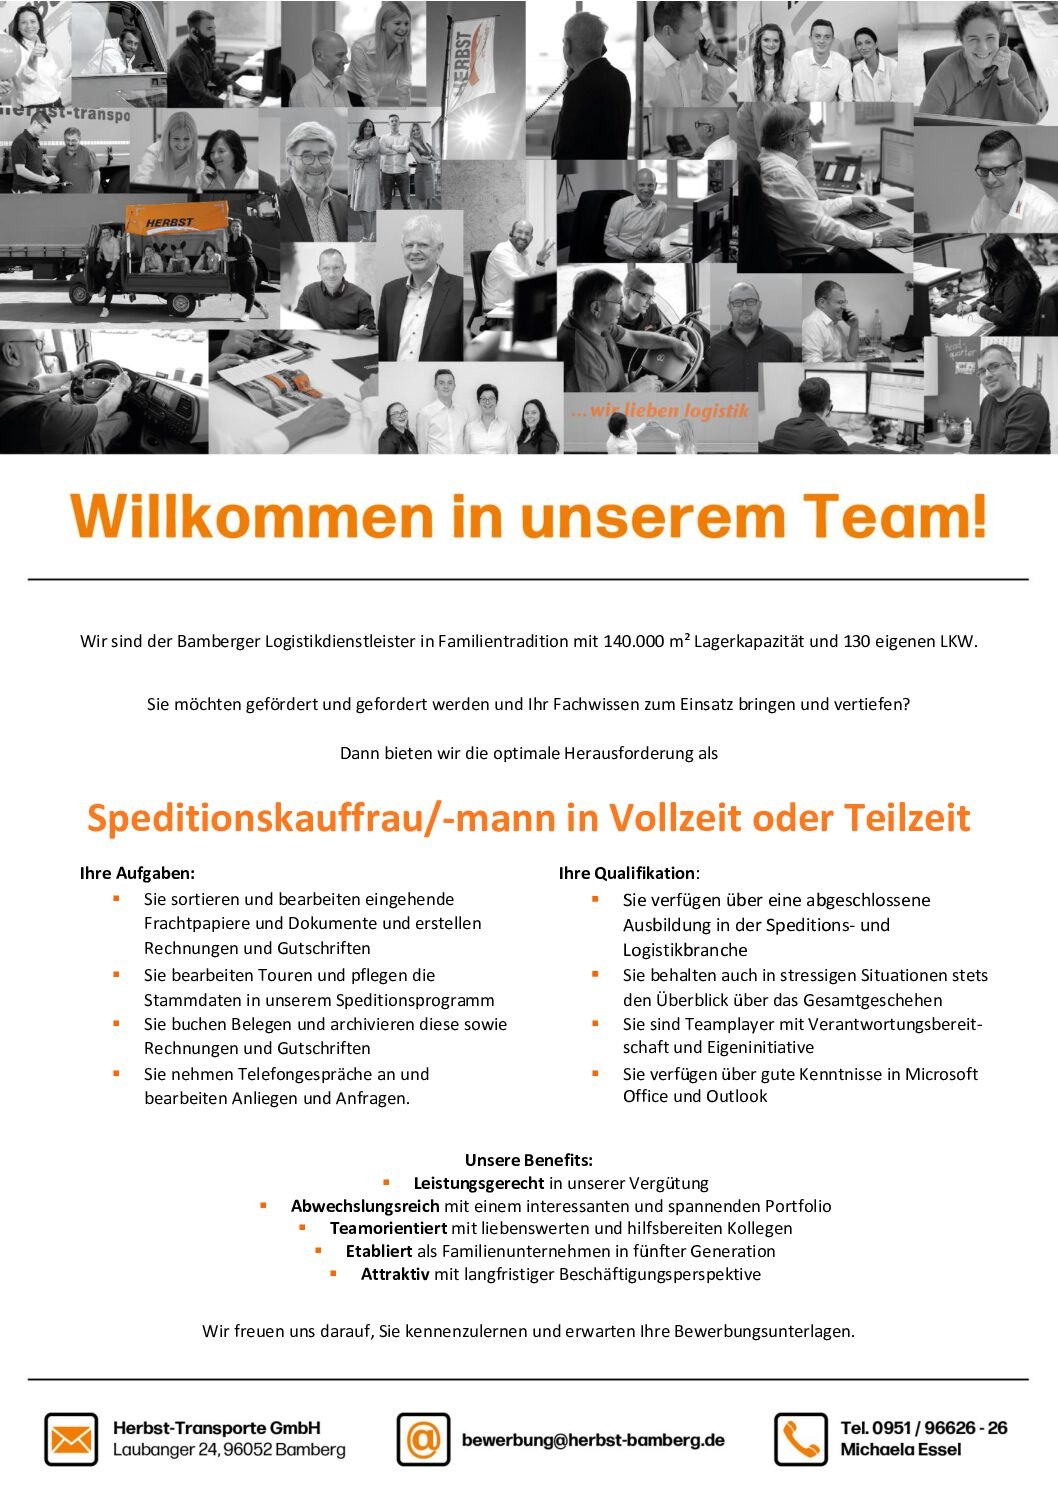 Willkommen In Unserem Team! – Speditionskauffrau/-mann In Vollzeit Oder Teilzeit Gesucht